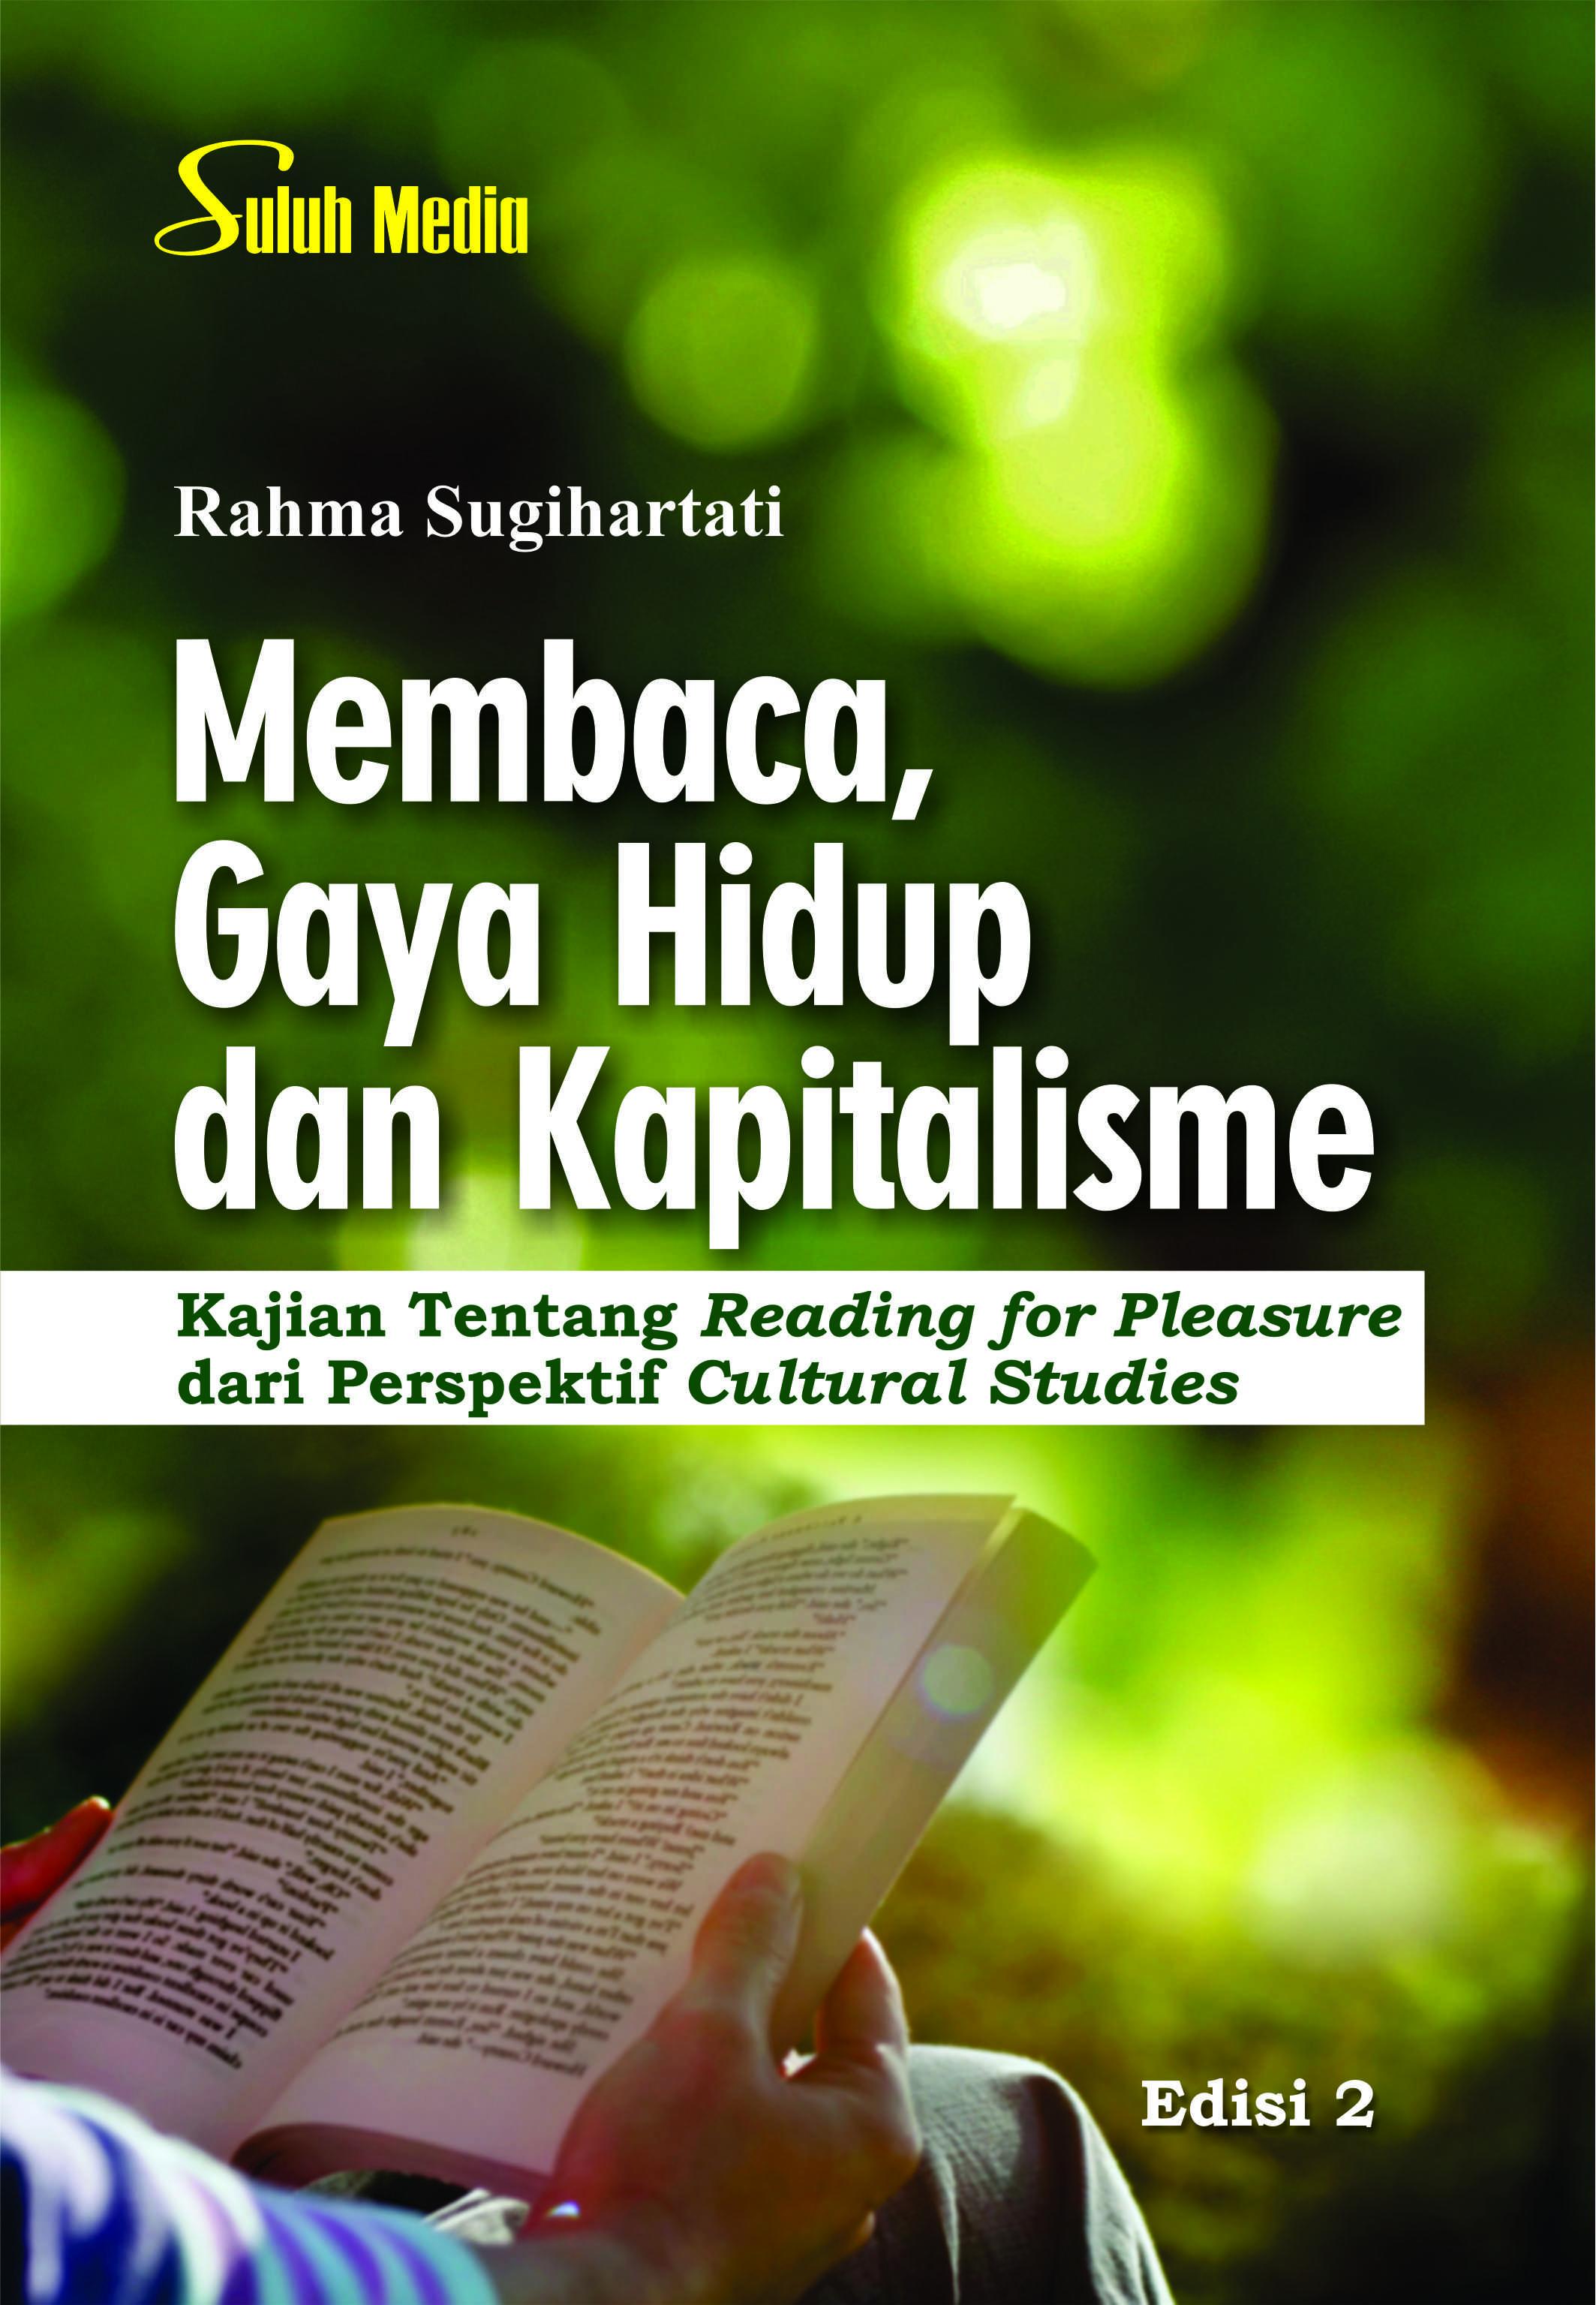 Membaca, gaya hidup dan kapitalisme; kajian tentang reading for pleasure dari perspektif cultural studies [sumber elektronis]